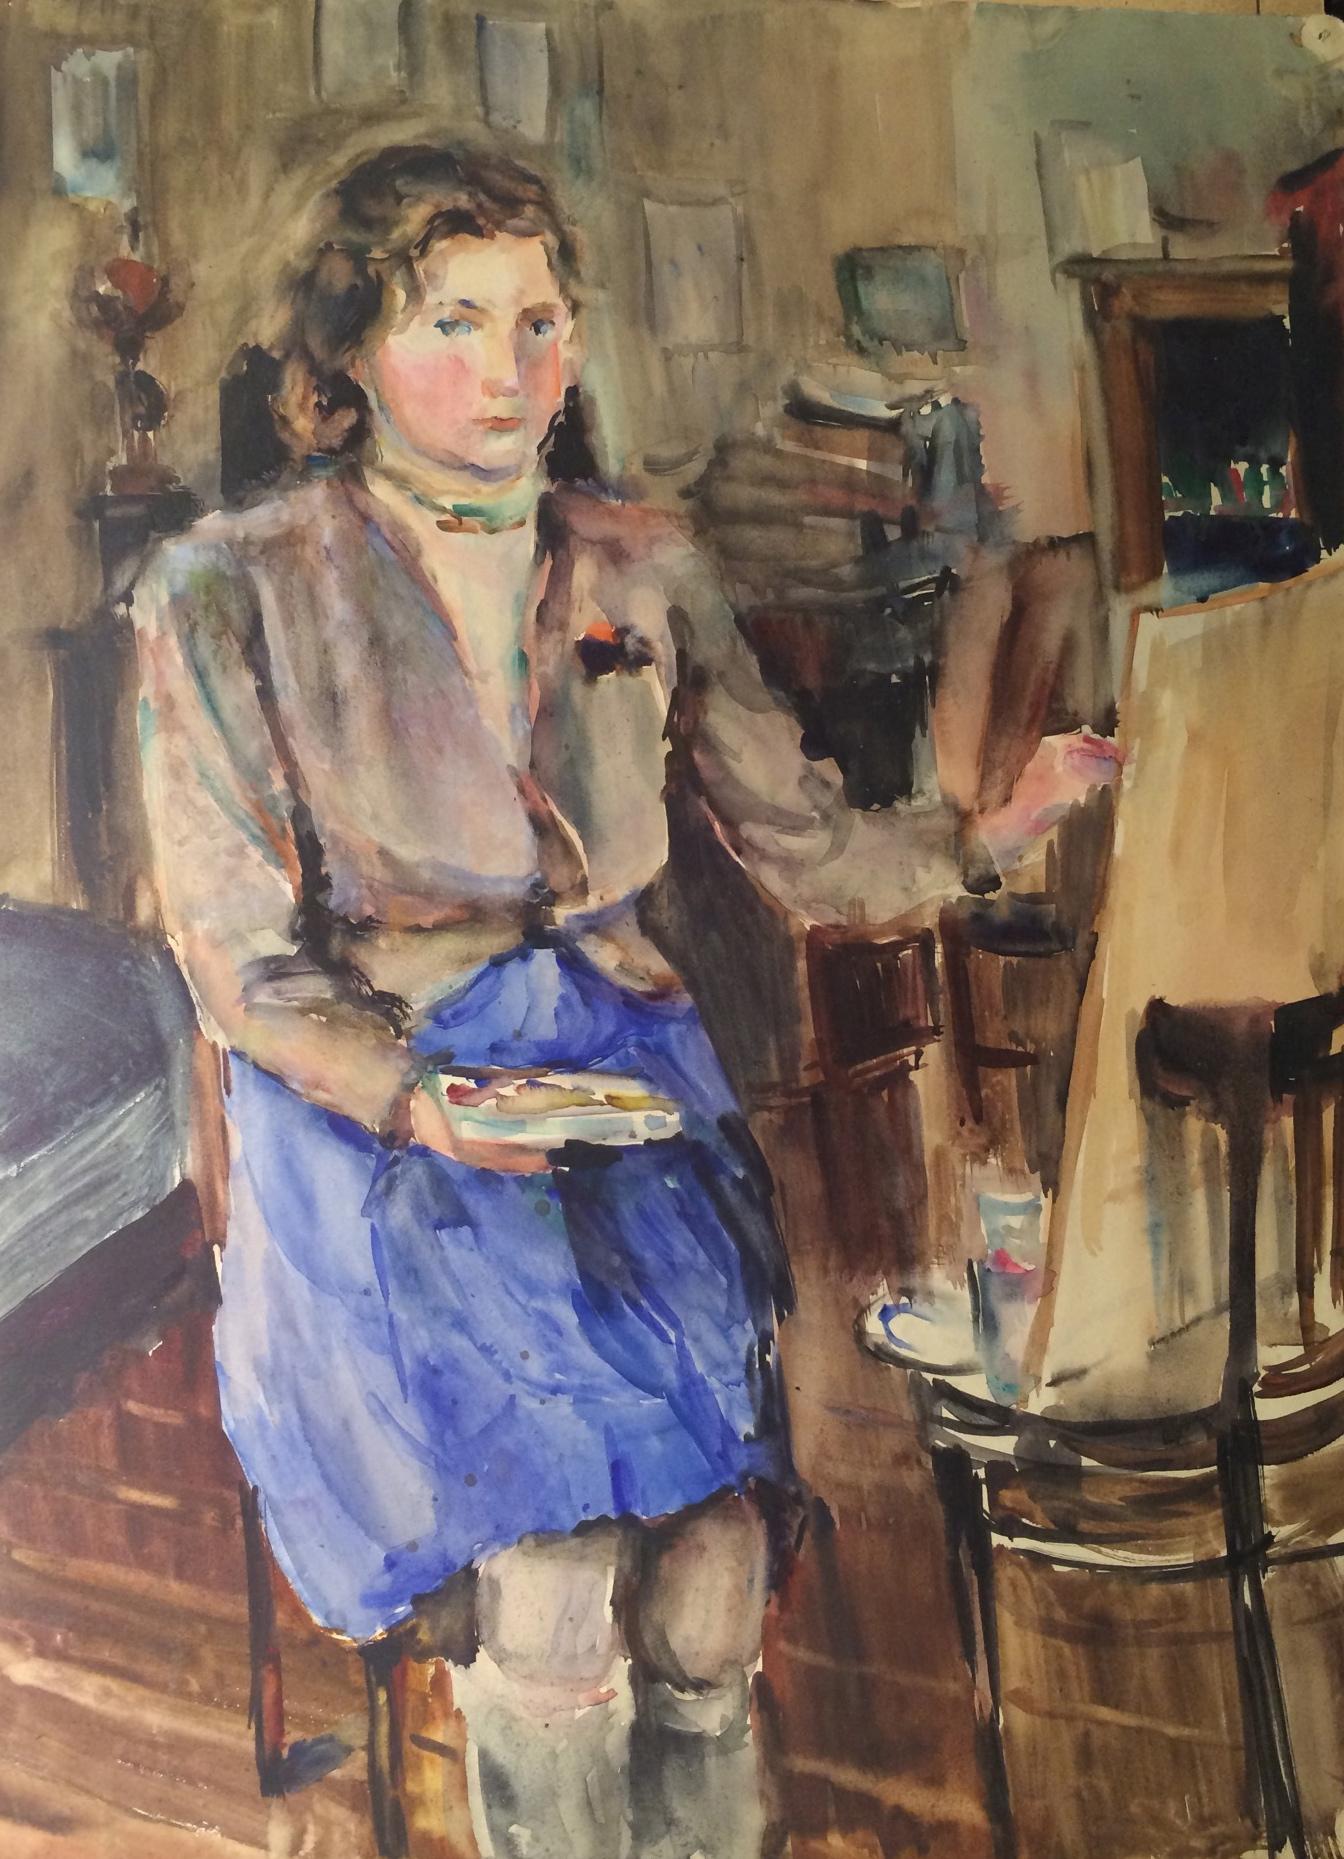 Шевандронова Ирина Васильевна. Юная художница. (Автопортрет в юности).